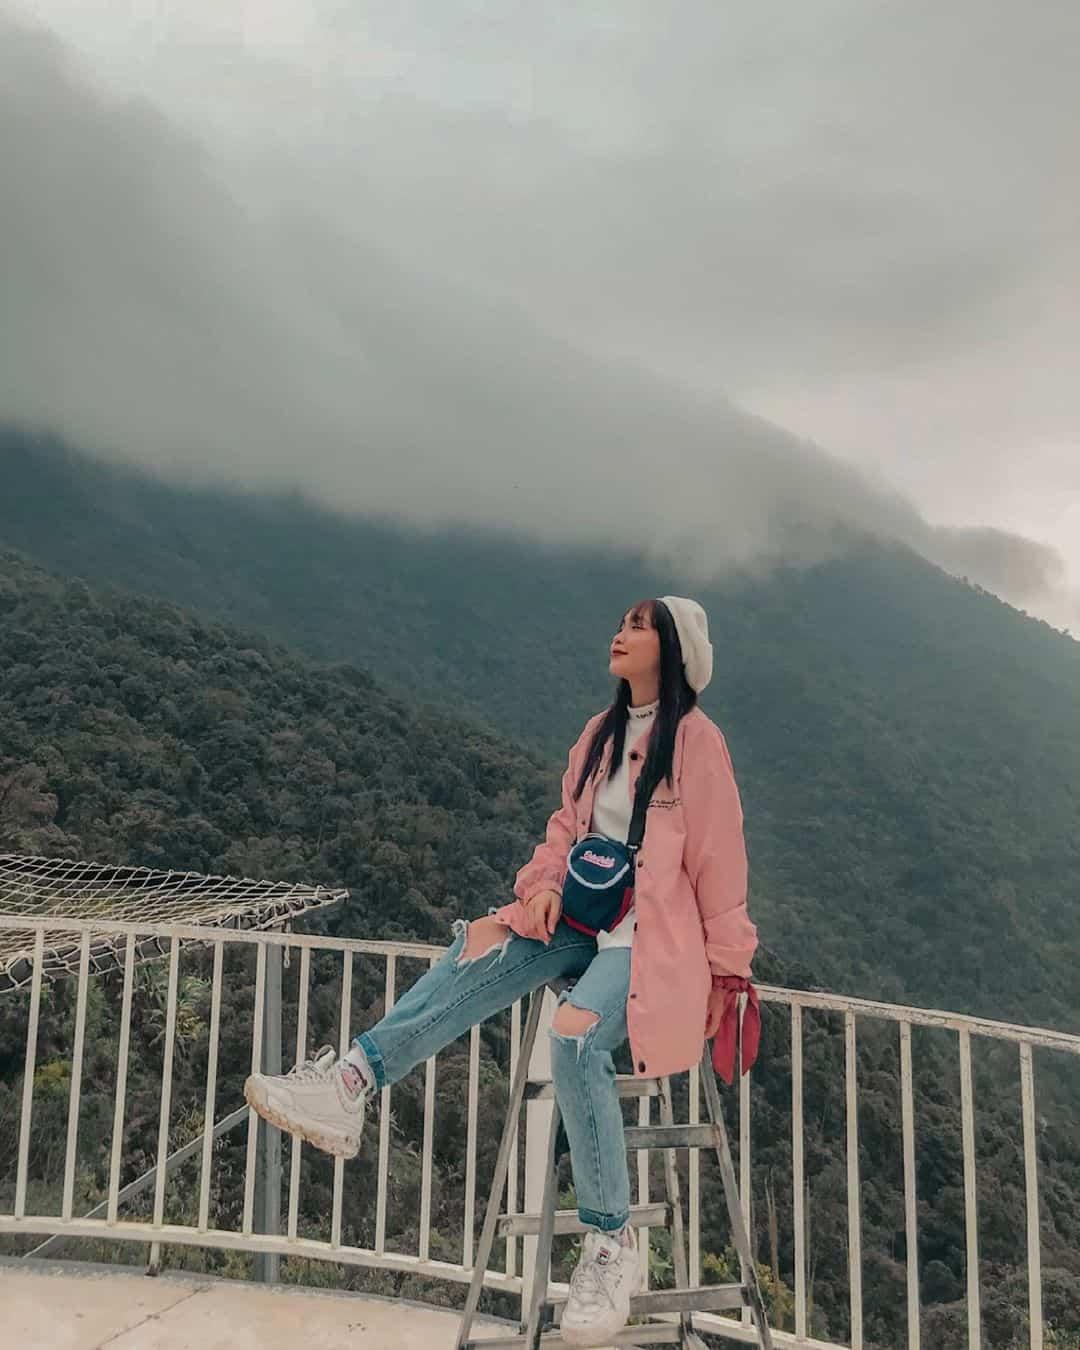 Tam Đảo thị trấn mờ sương. Ảnh: @im_manhhhh